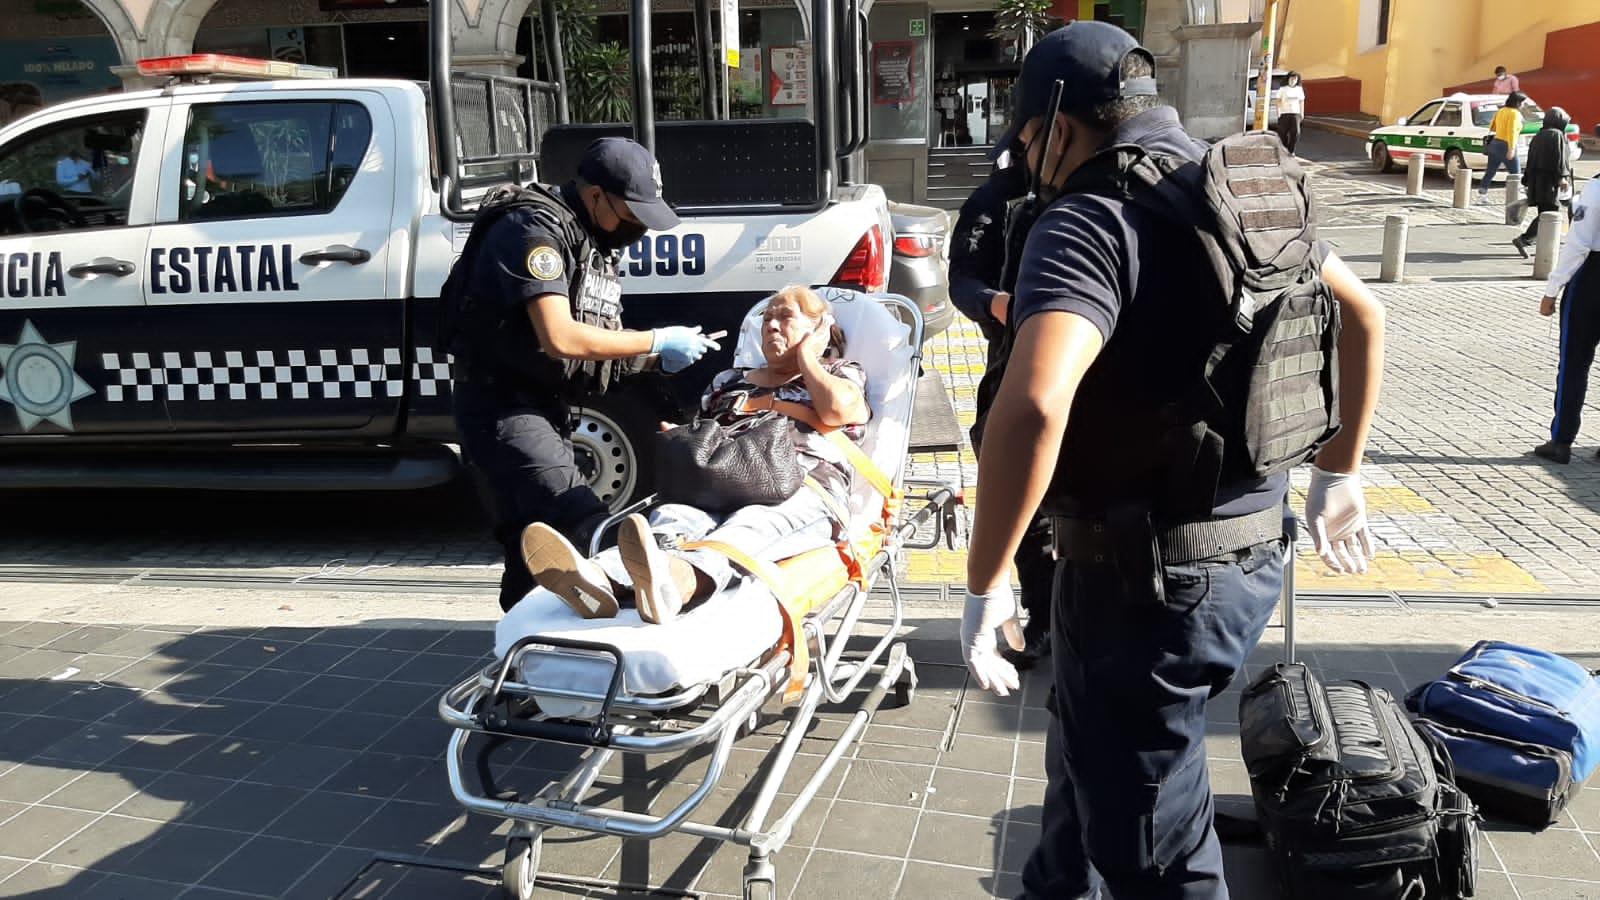 Atropellan a dos mujeres adultas en pleno centro de Xalapa